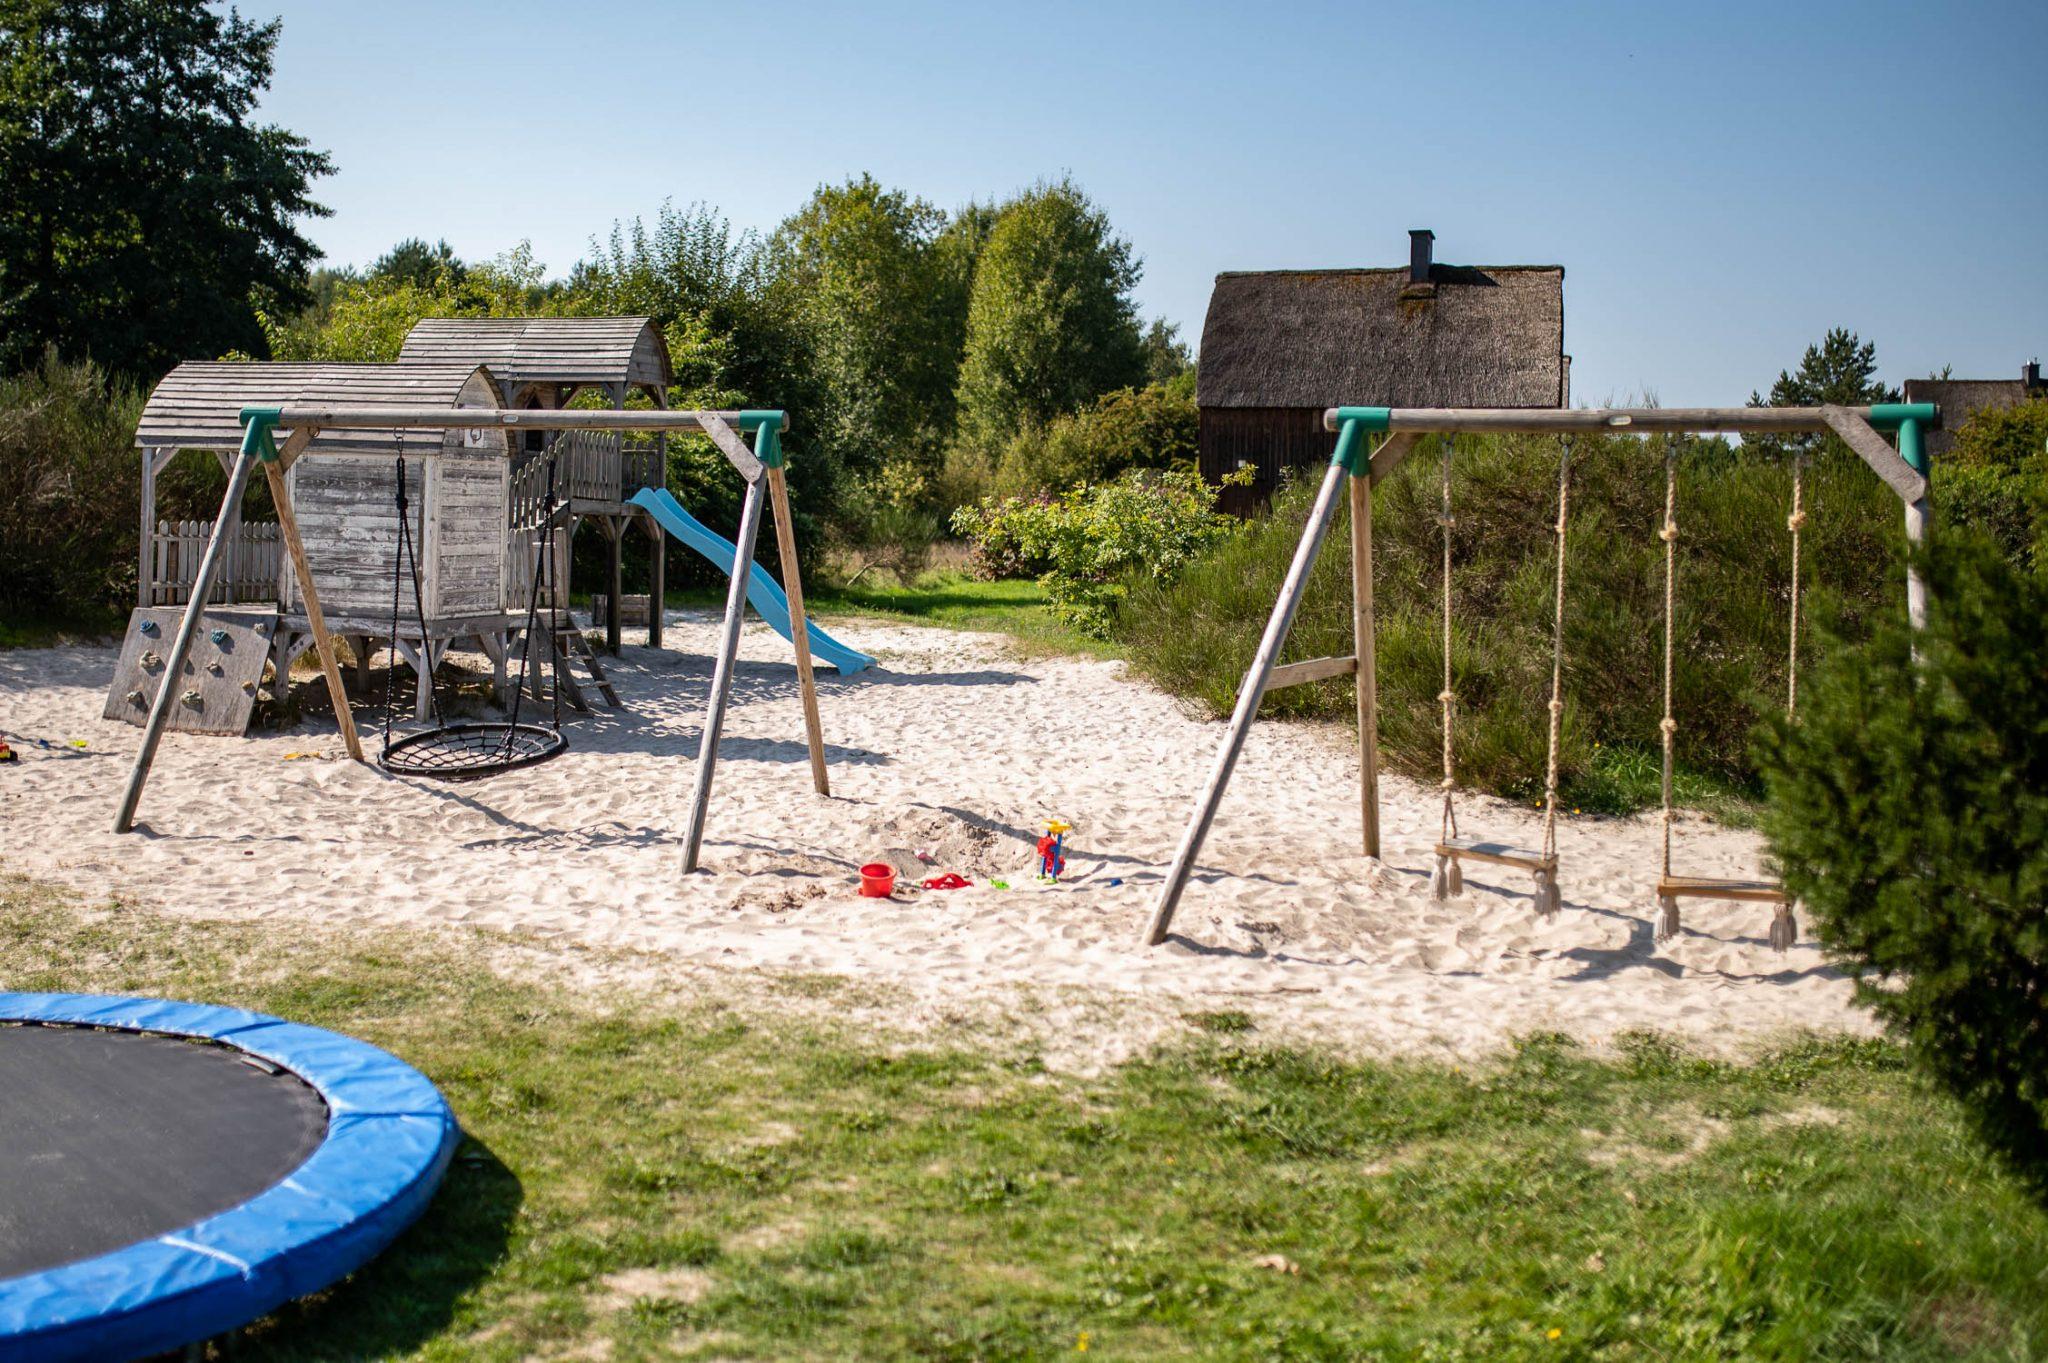 Cisowy Zakatek 2 - Cisowy Zakątek - niezwykłe domy nad morzem w Sasinie